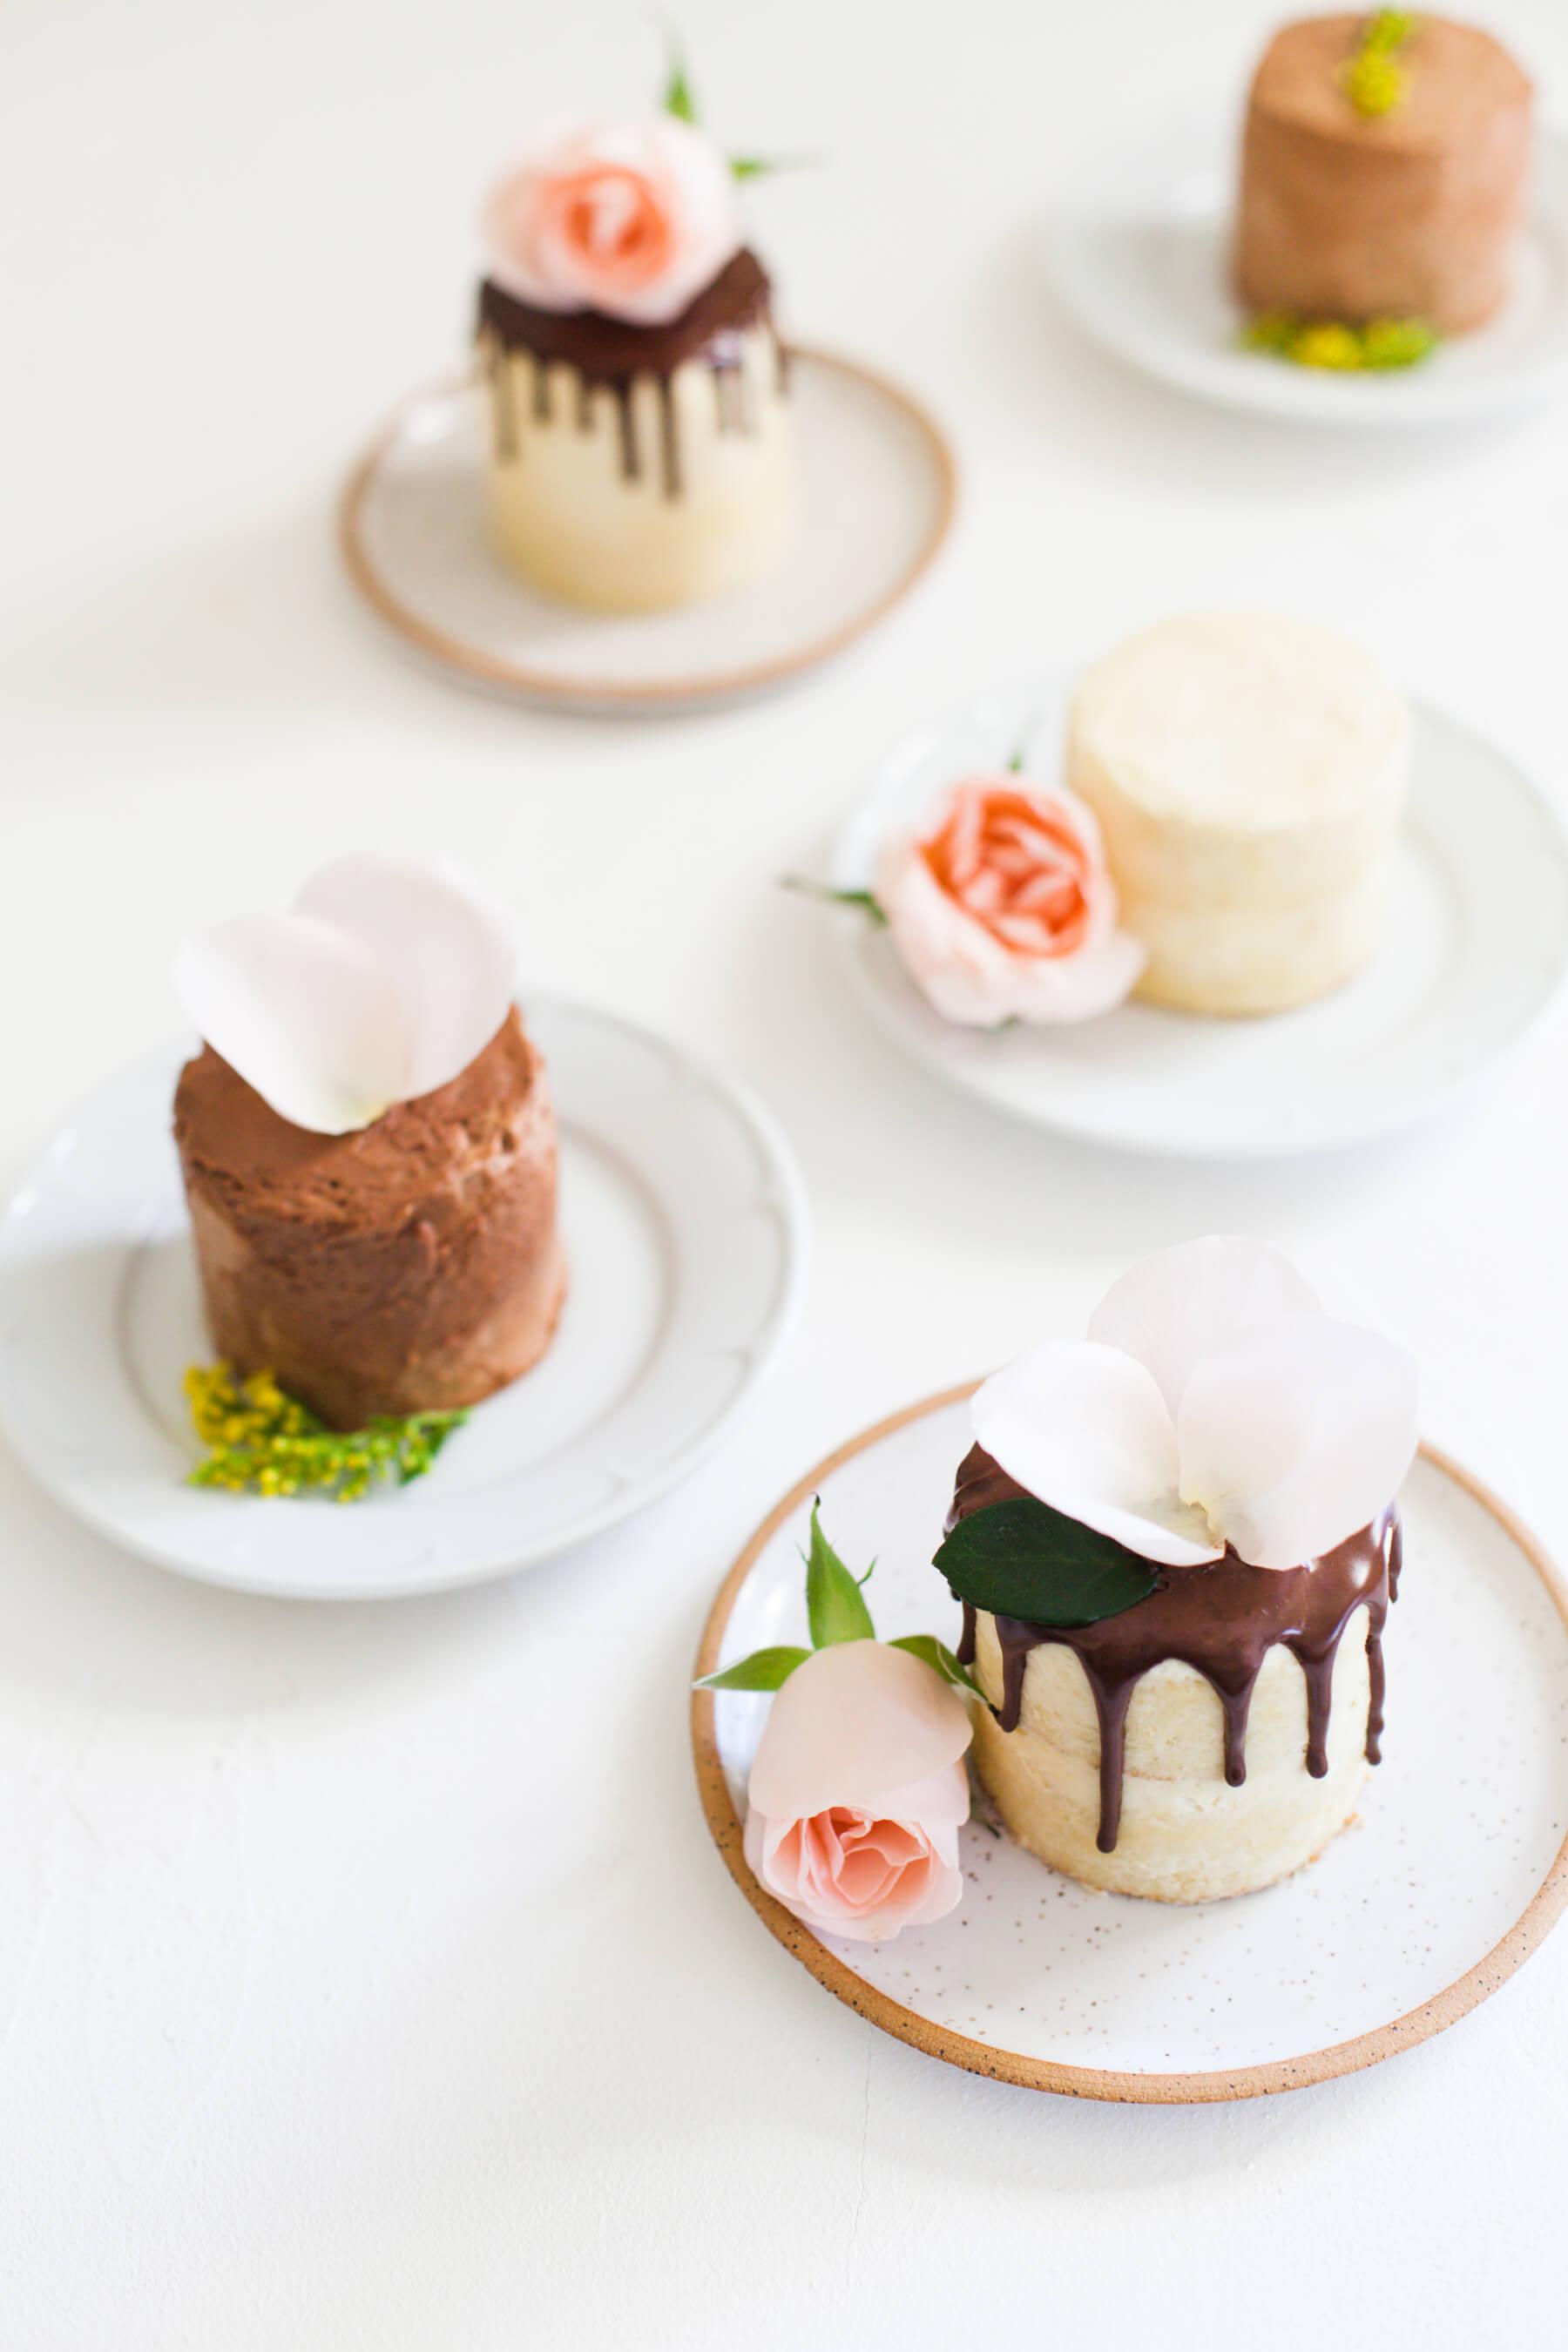 How-to-bake-sheet-pan-mini-cakes-8.jpg